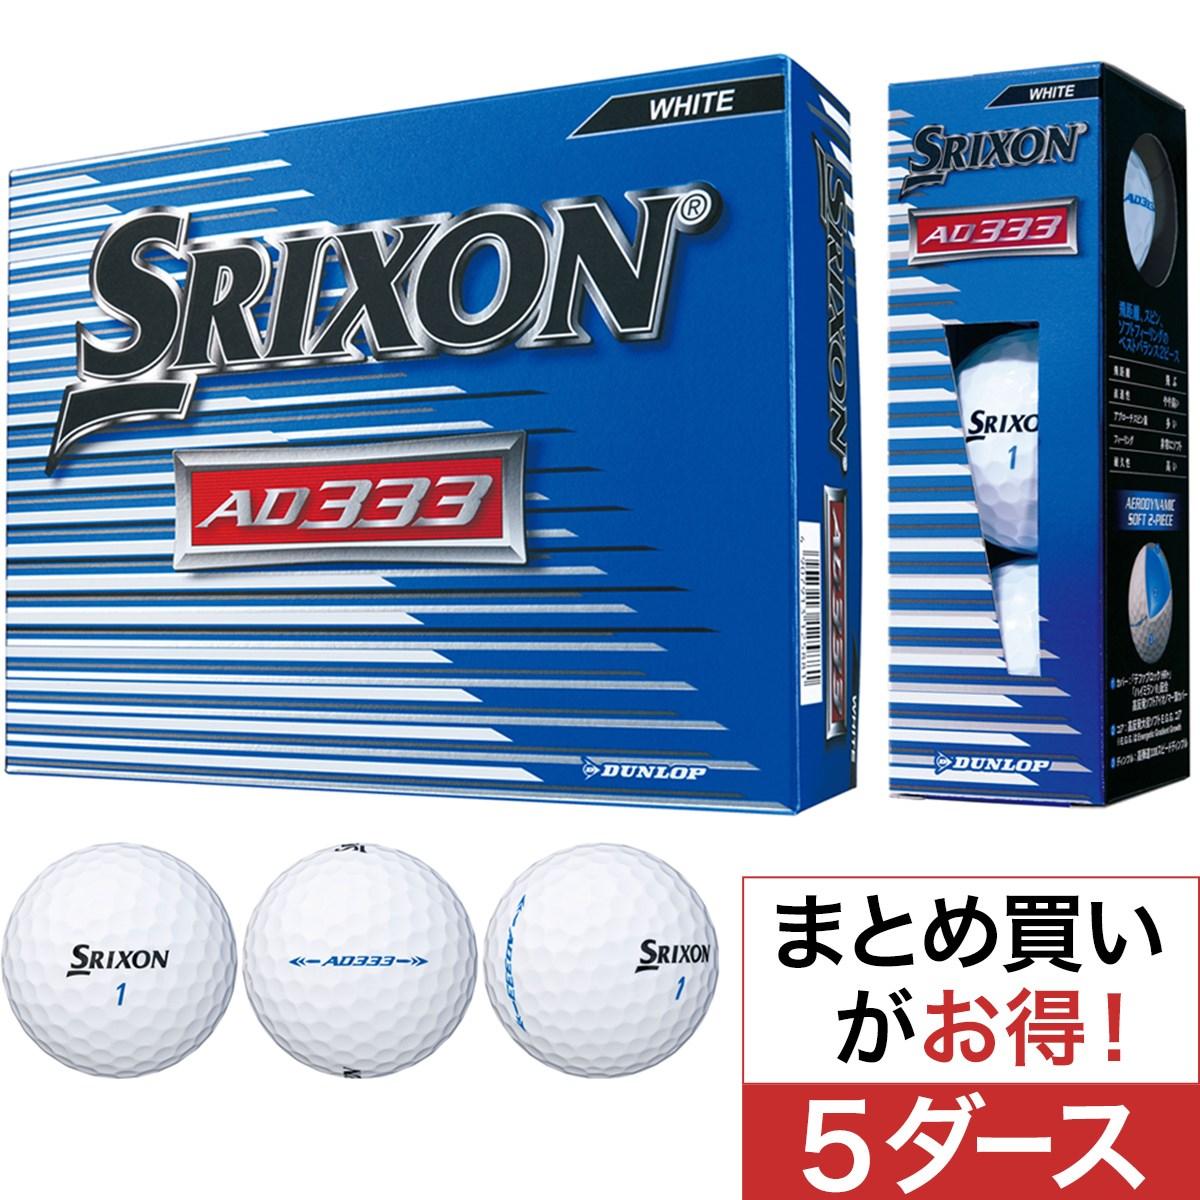 ダンロップ(DUNLOP) スリクソン AD333-7 ボール 5ダースセット